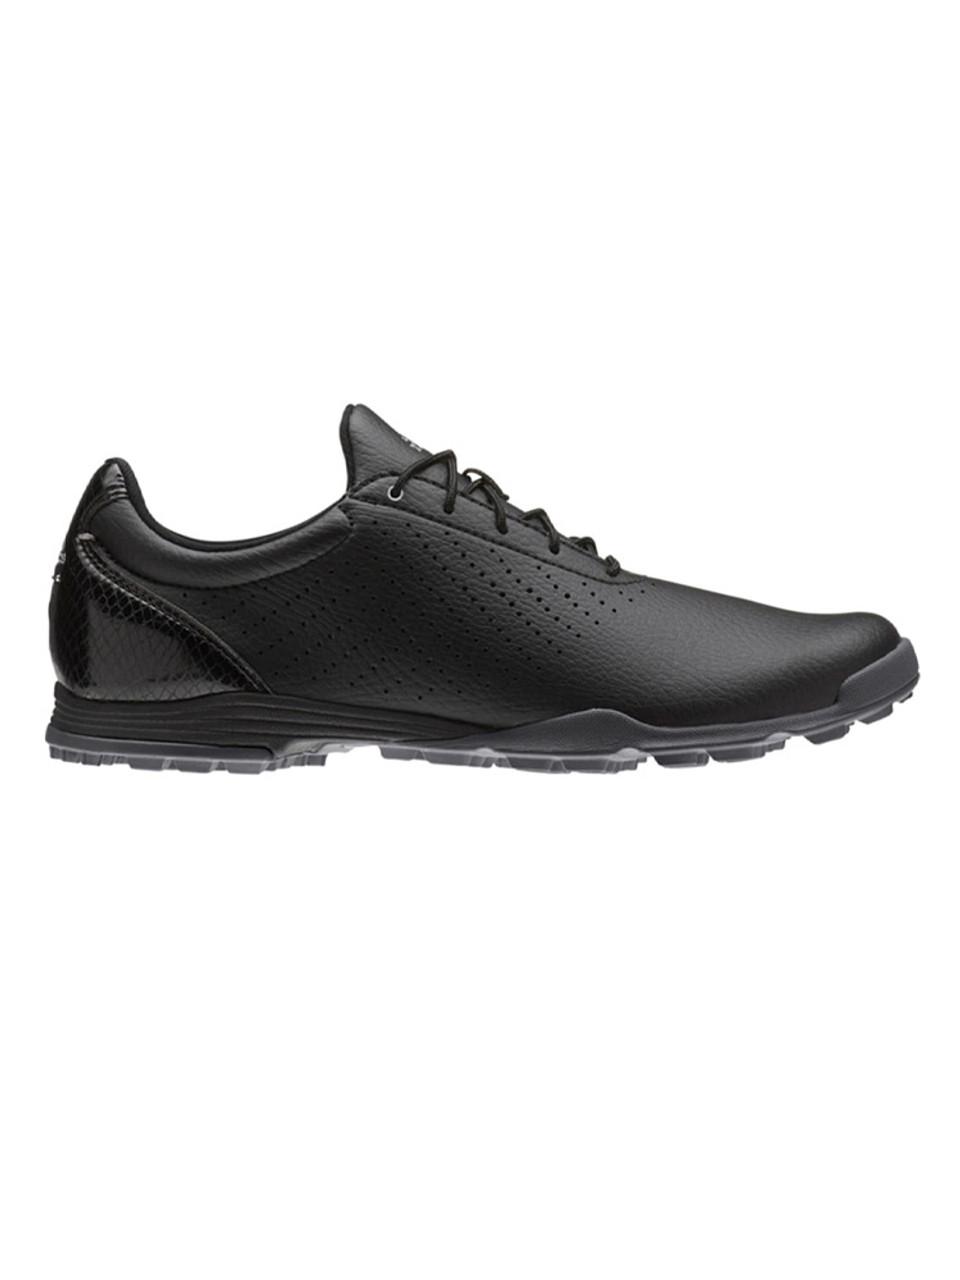 Adidas Ladies Adipure SC Golf Shoes - Core Black Silver Met. Adidas b59f080b8